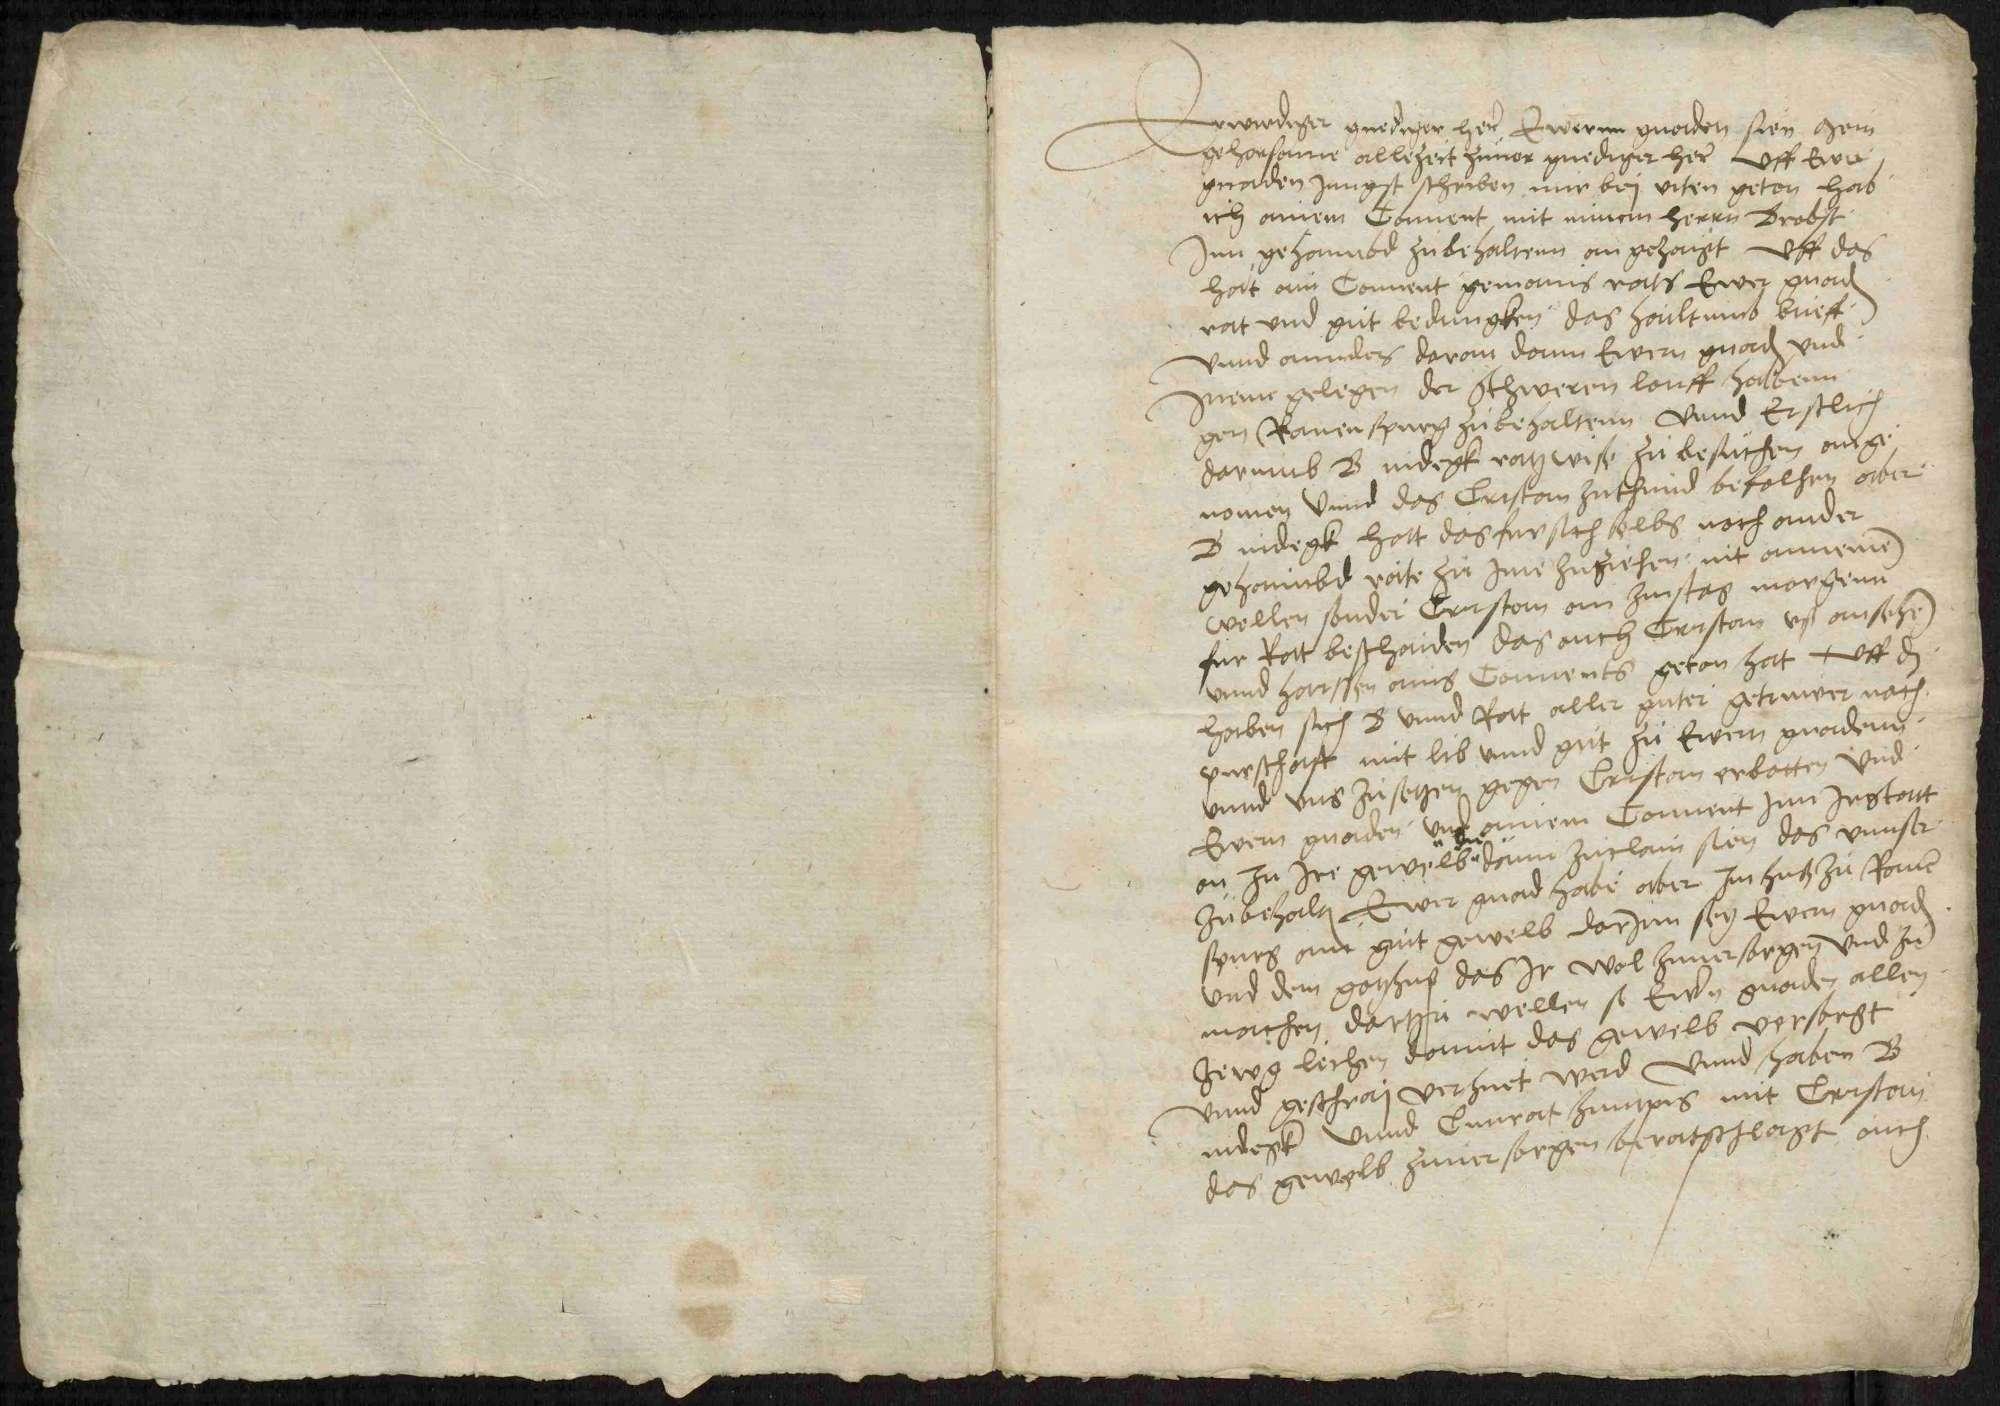 Schriftwechsel des Abts Gerwig von Weingarten, Bild 3